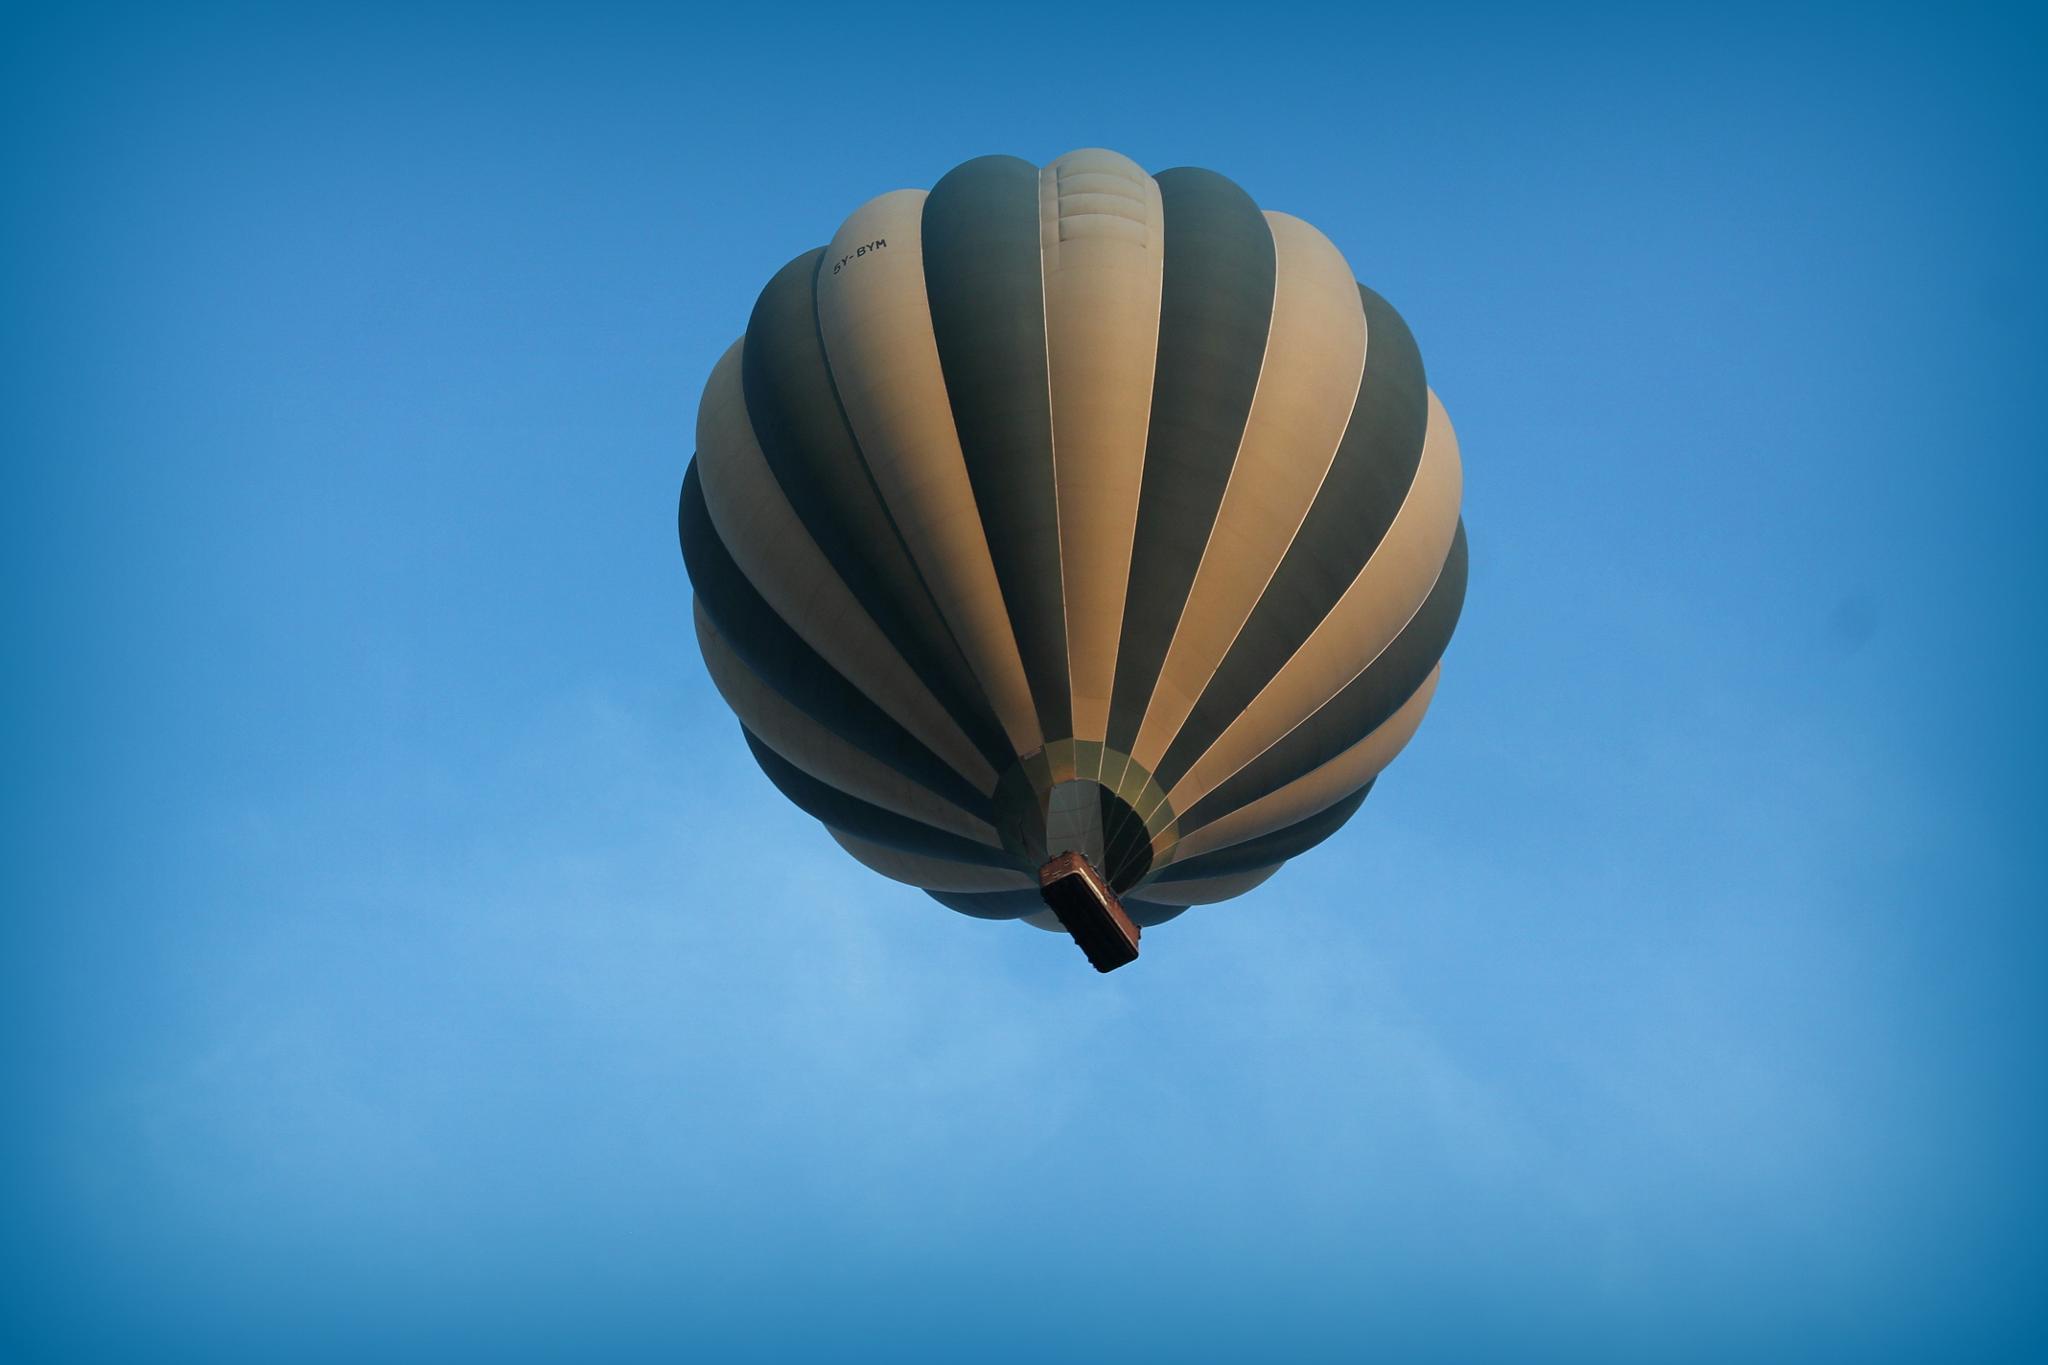 baloon safari by wilson.maweu